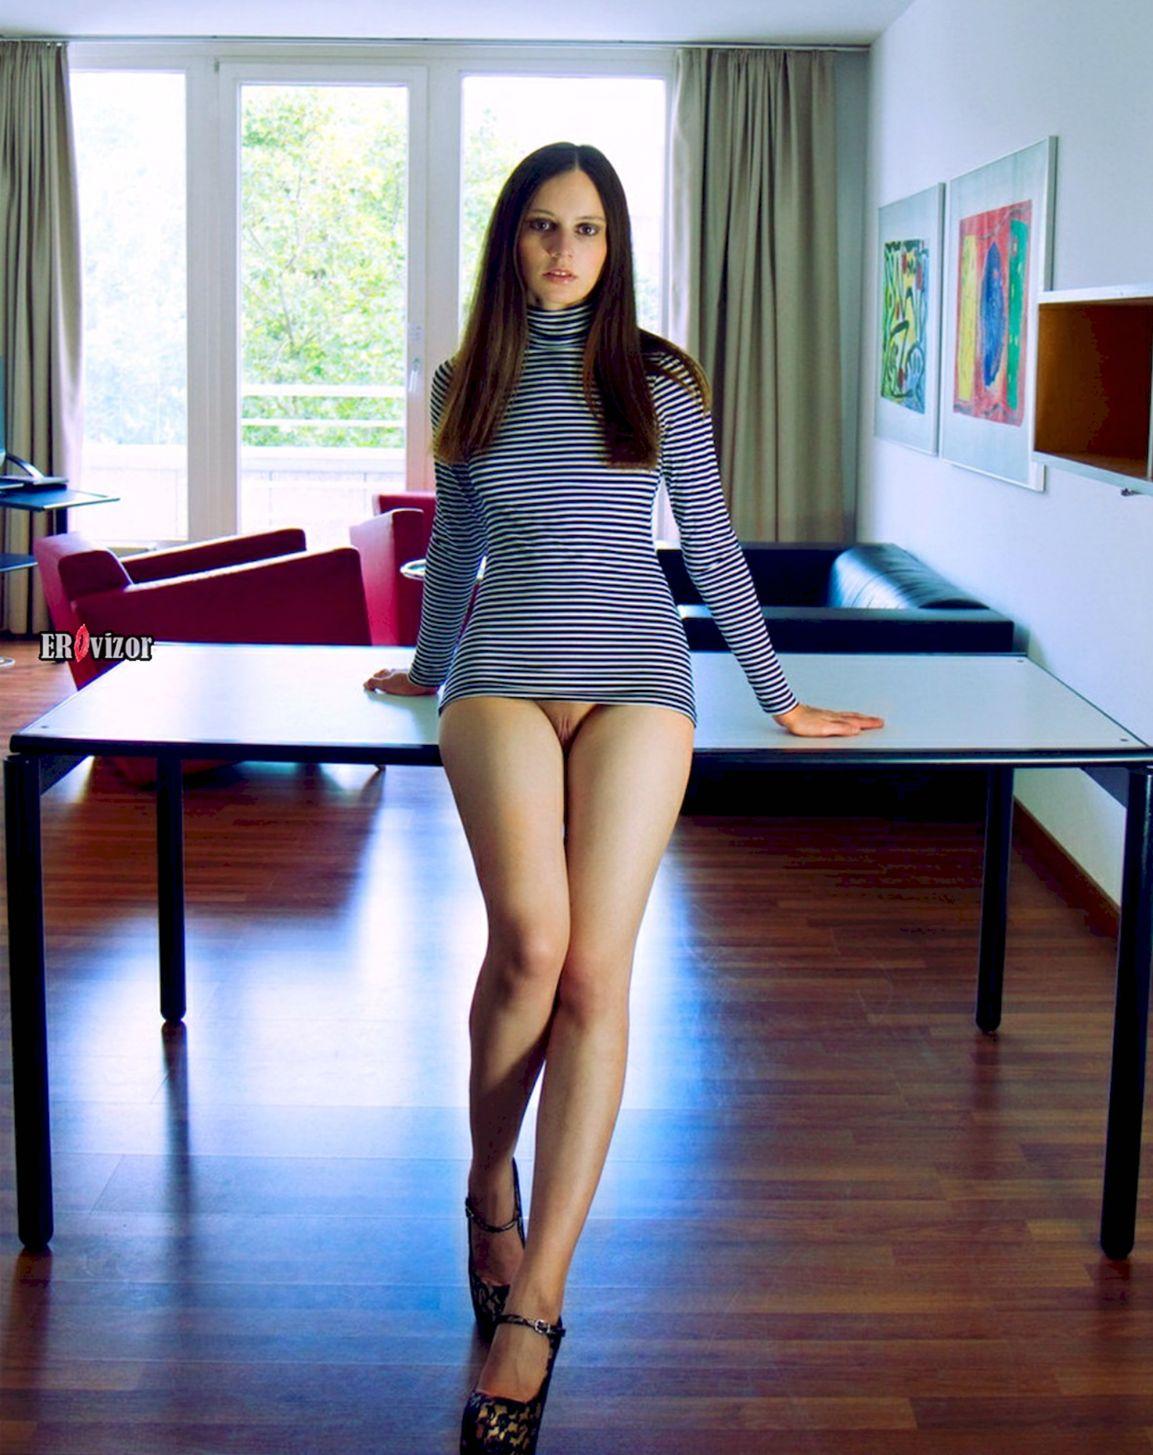 стройная фигура девушки без трусиков